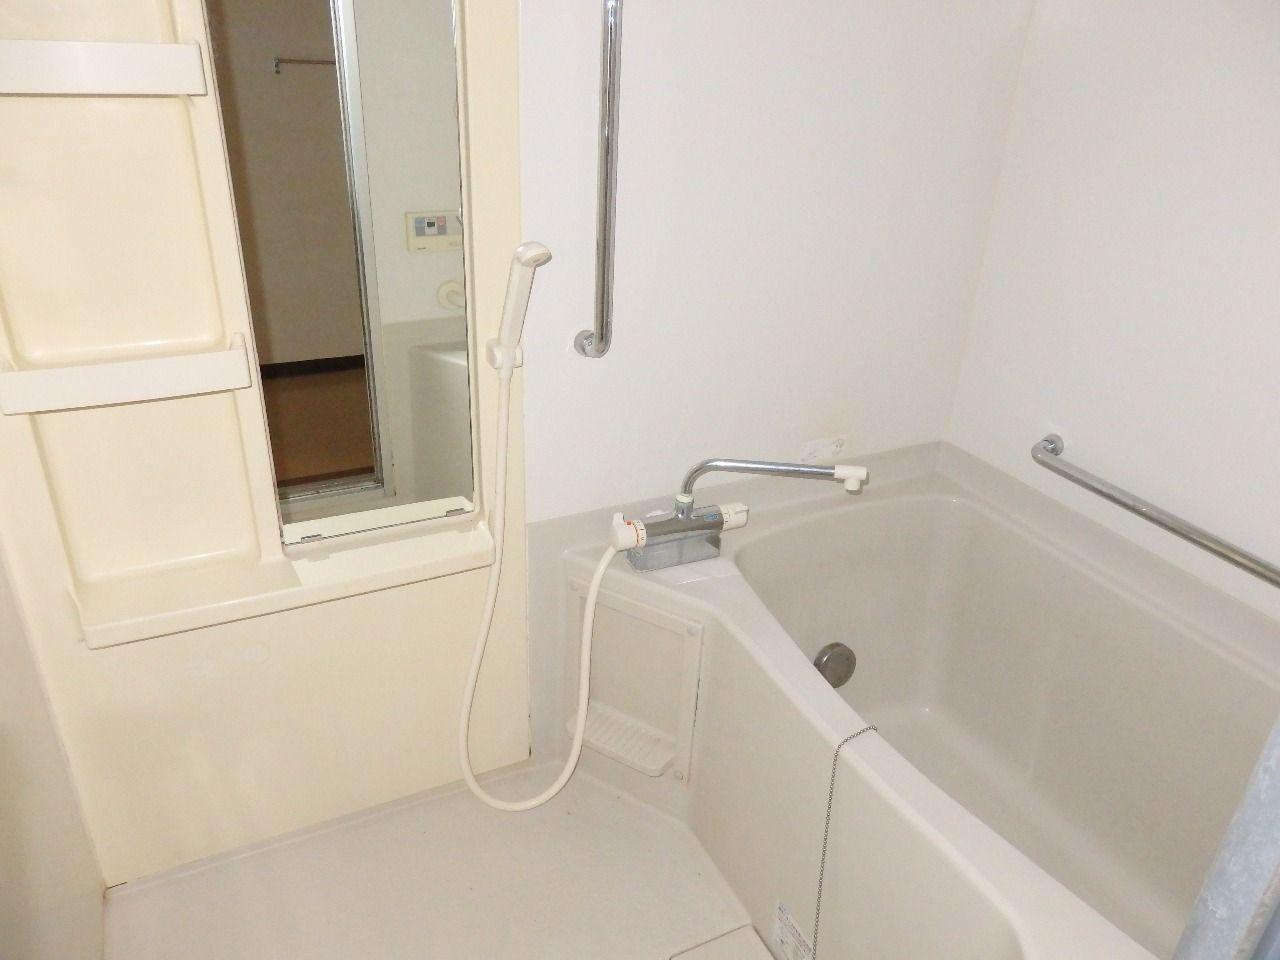 浴室内の数か所に手すりが付けてあります